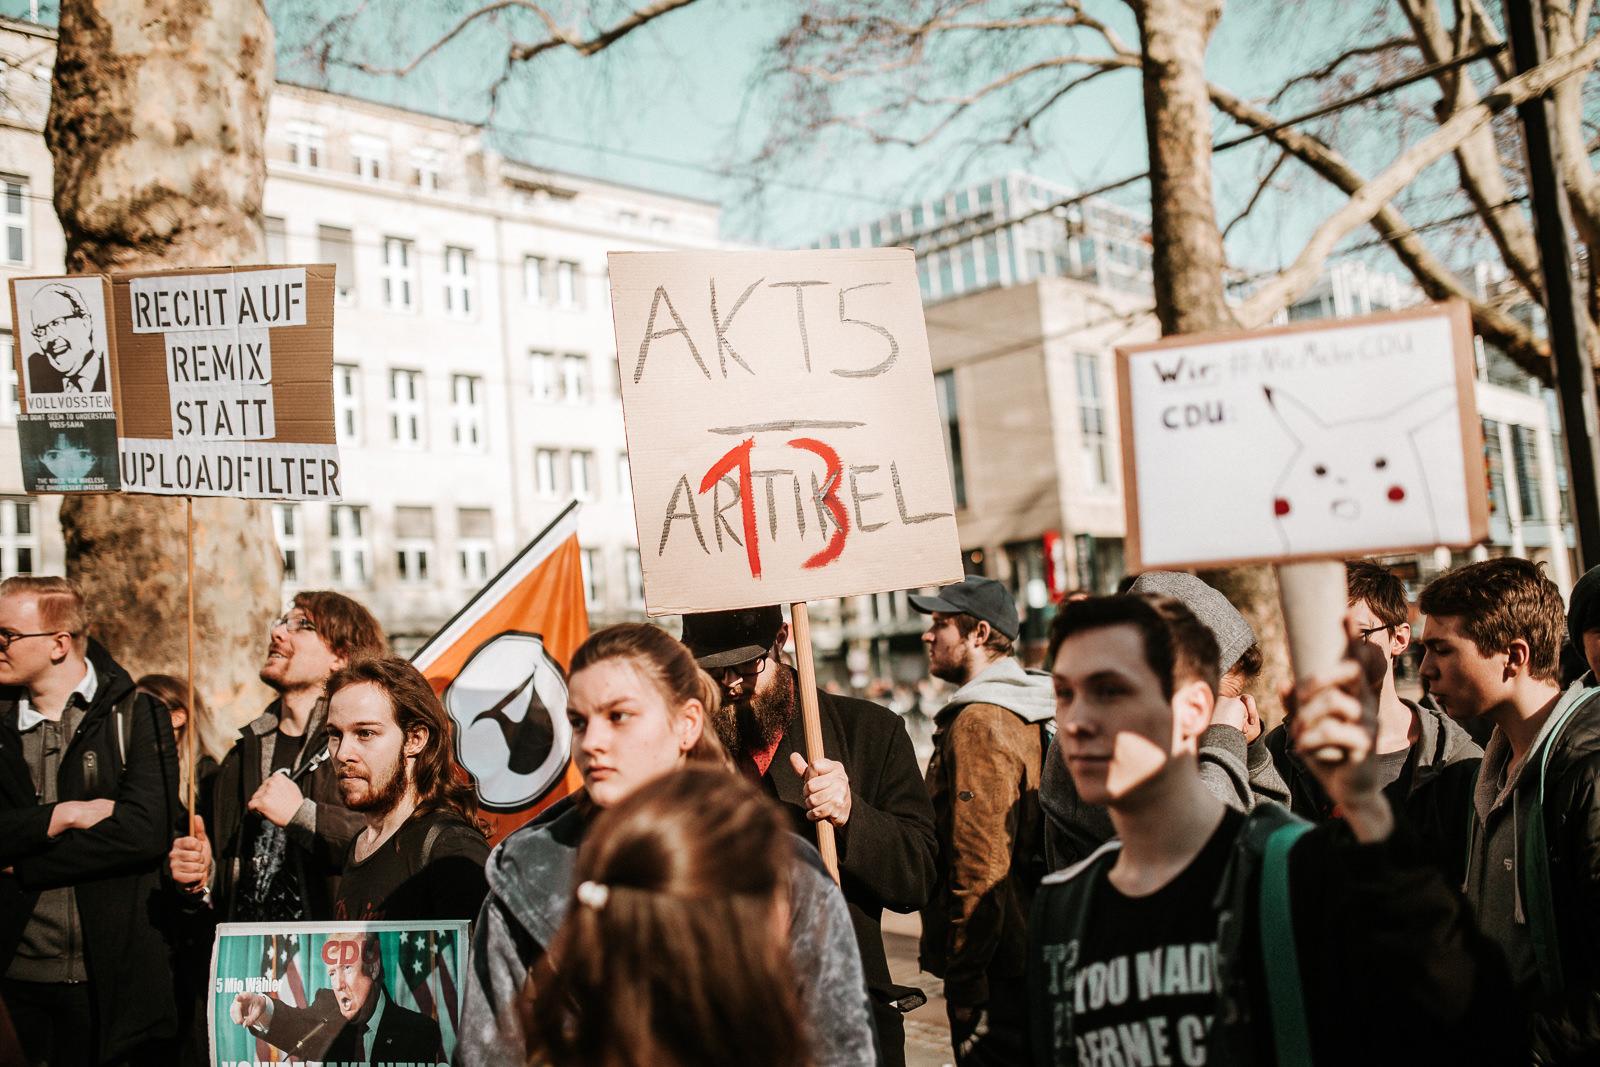 Bild von der Artikel 13-Demo in Köln am 16.2.2019